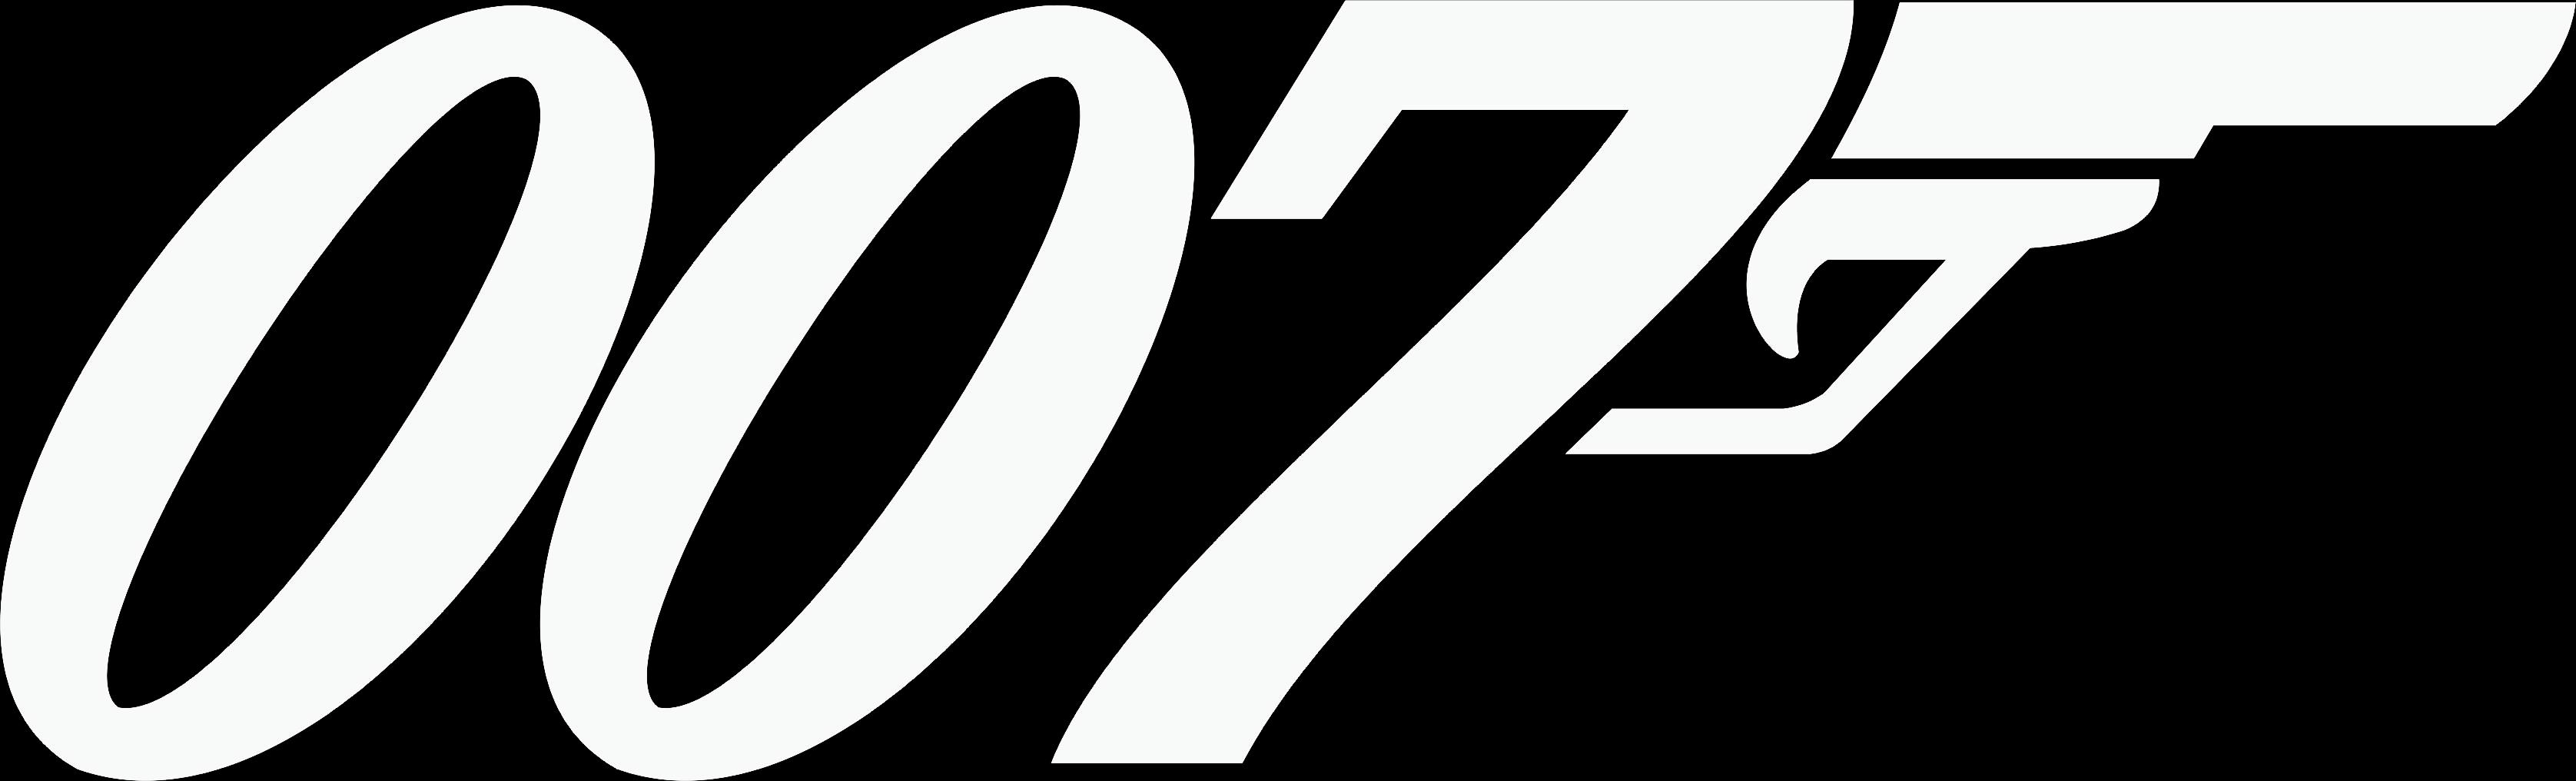 James Bond Theme...007 Logo White